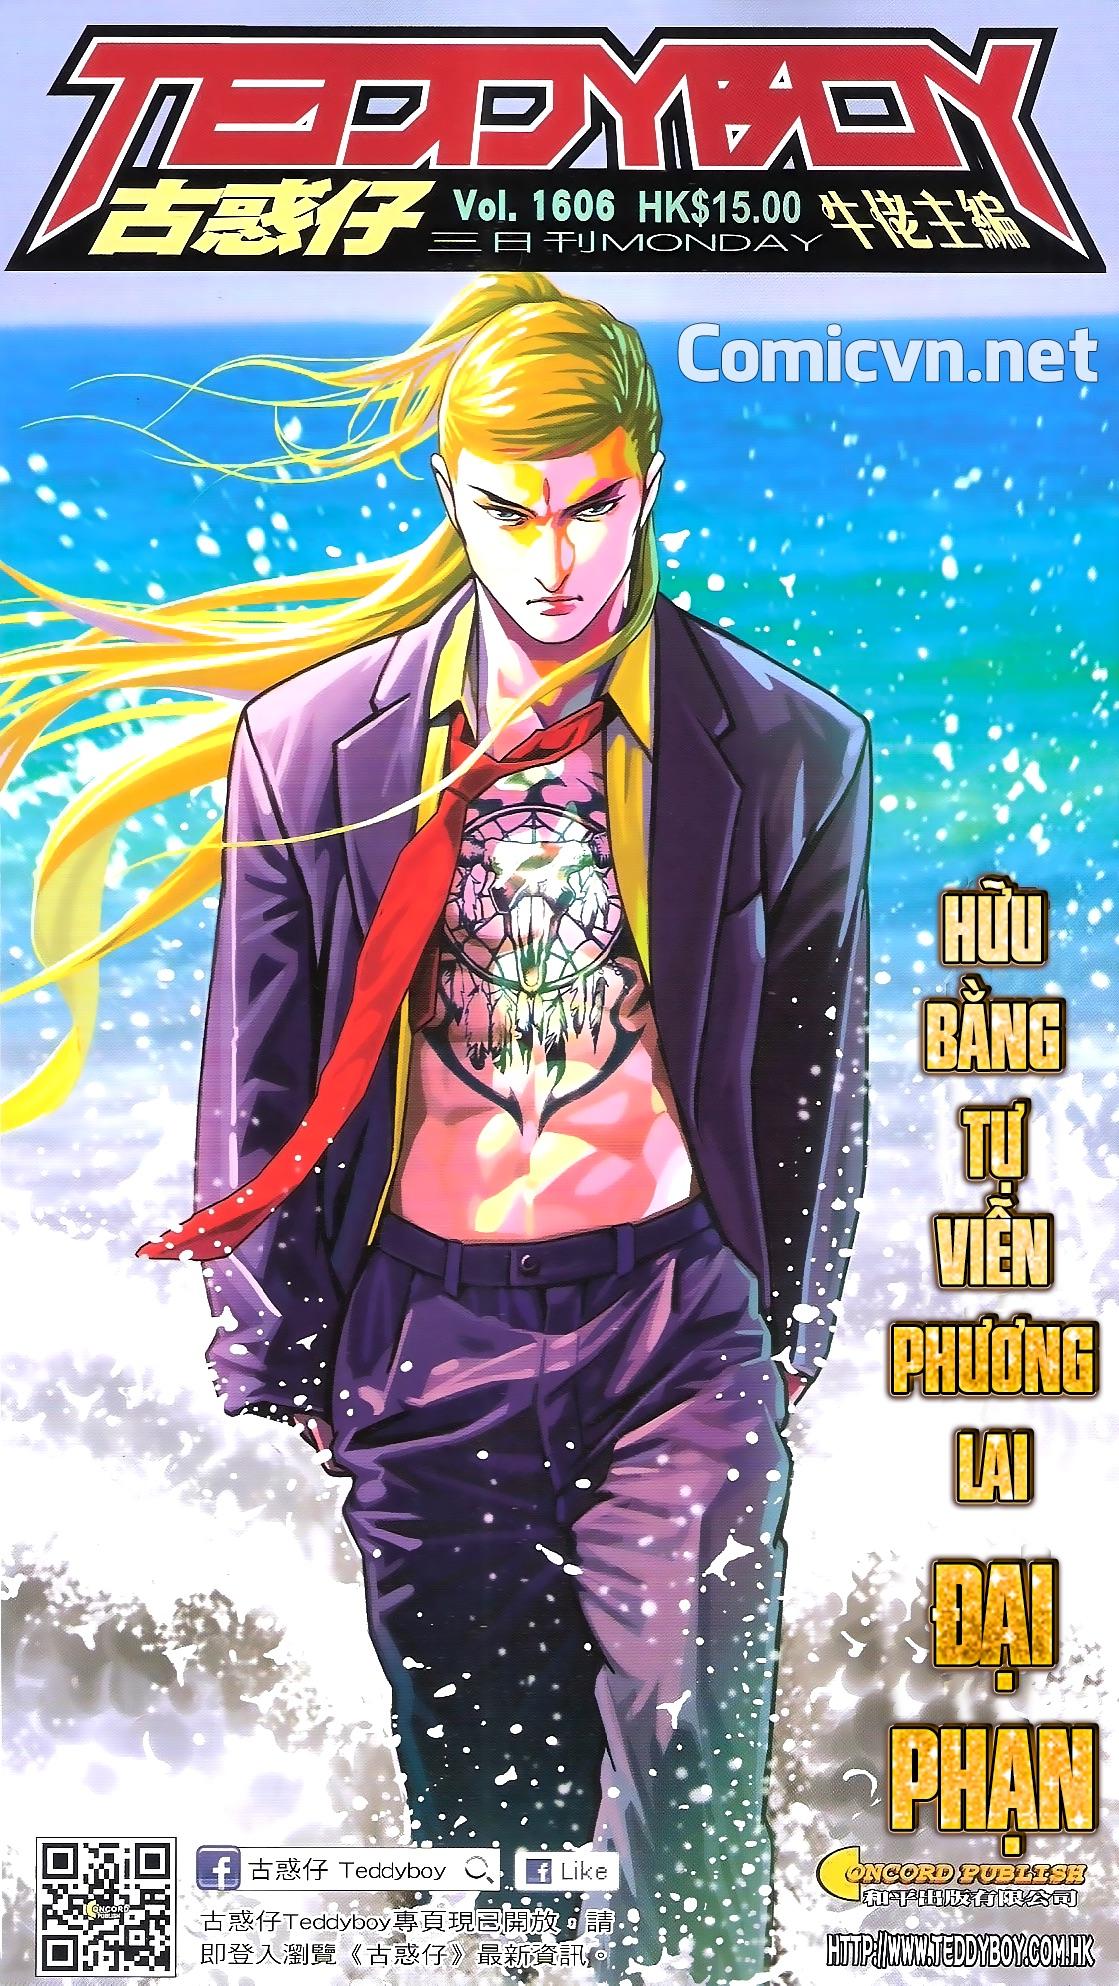 Người Trong Giang Hồ - Chapter 1606: Bạn từ xa đến Đại Phạn - Pic 1